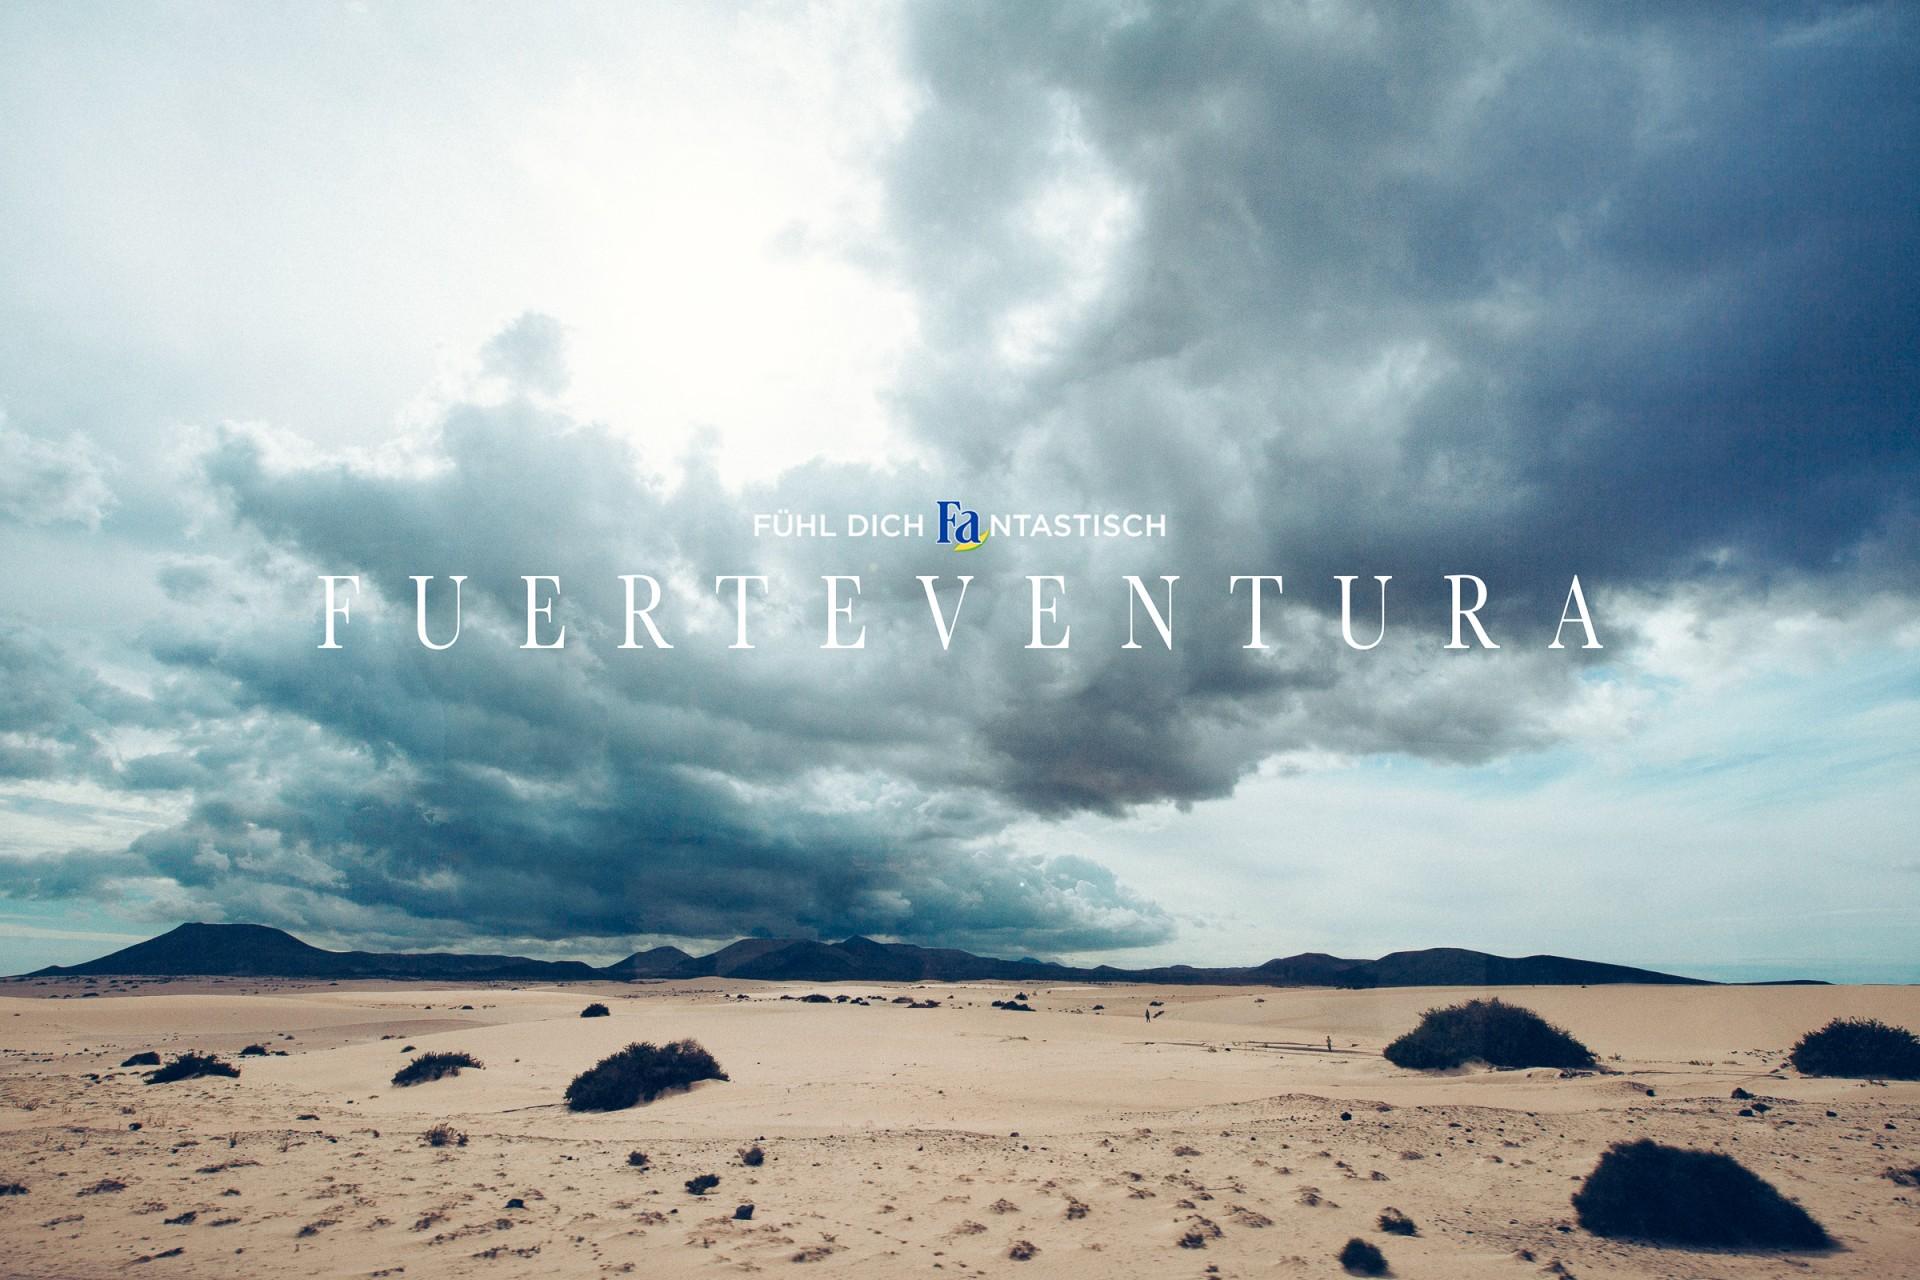 Fa Fuerteventura New Poster Frame - 001